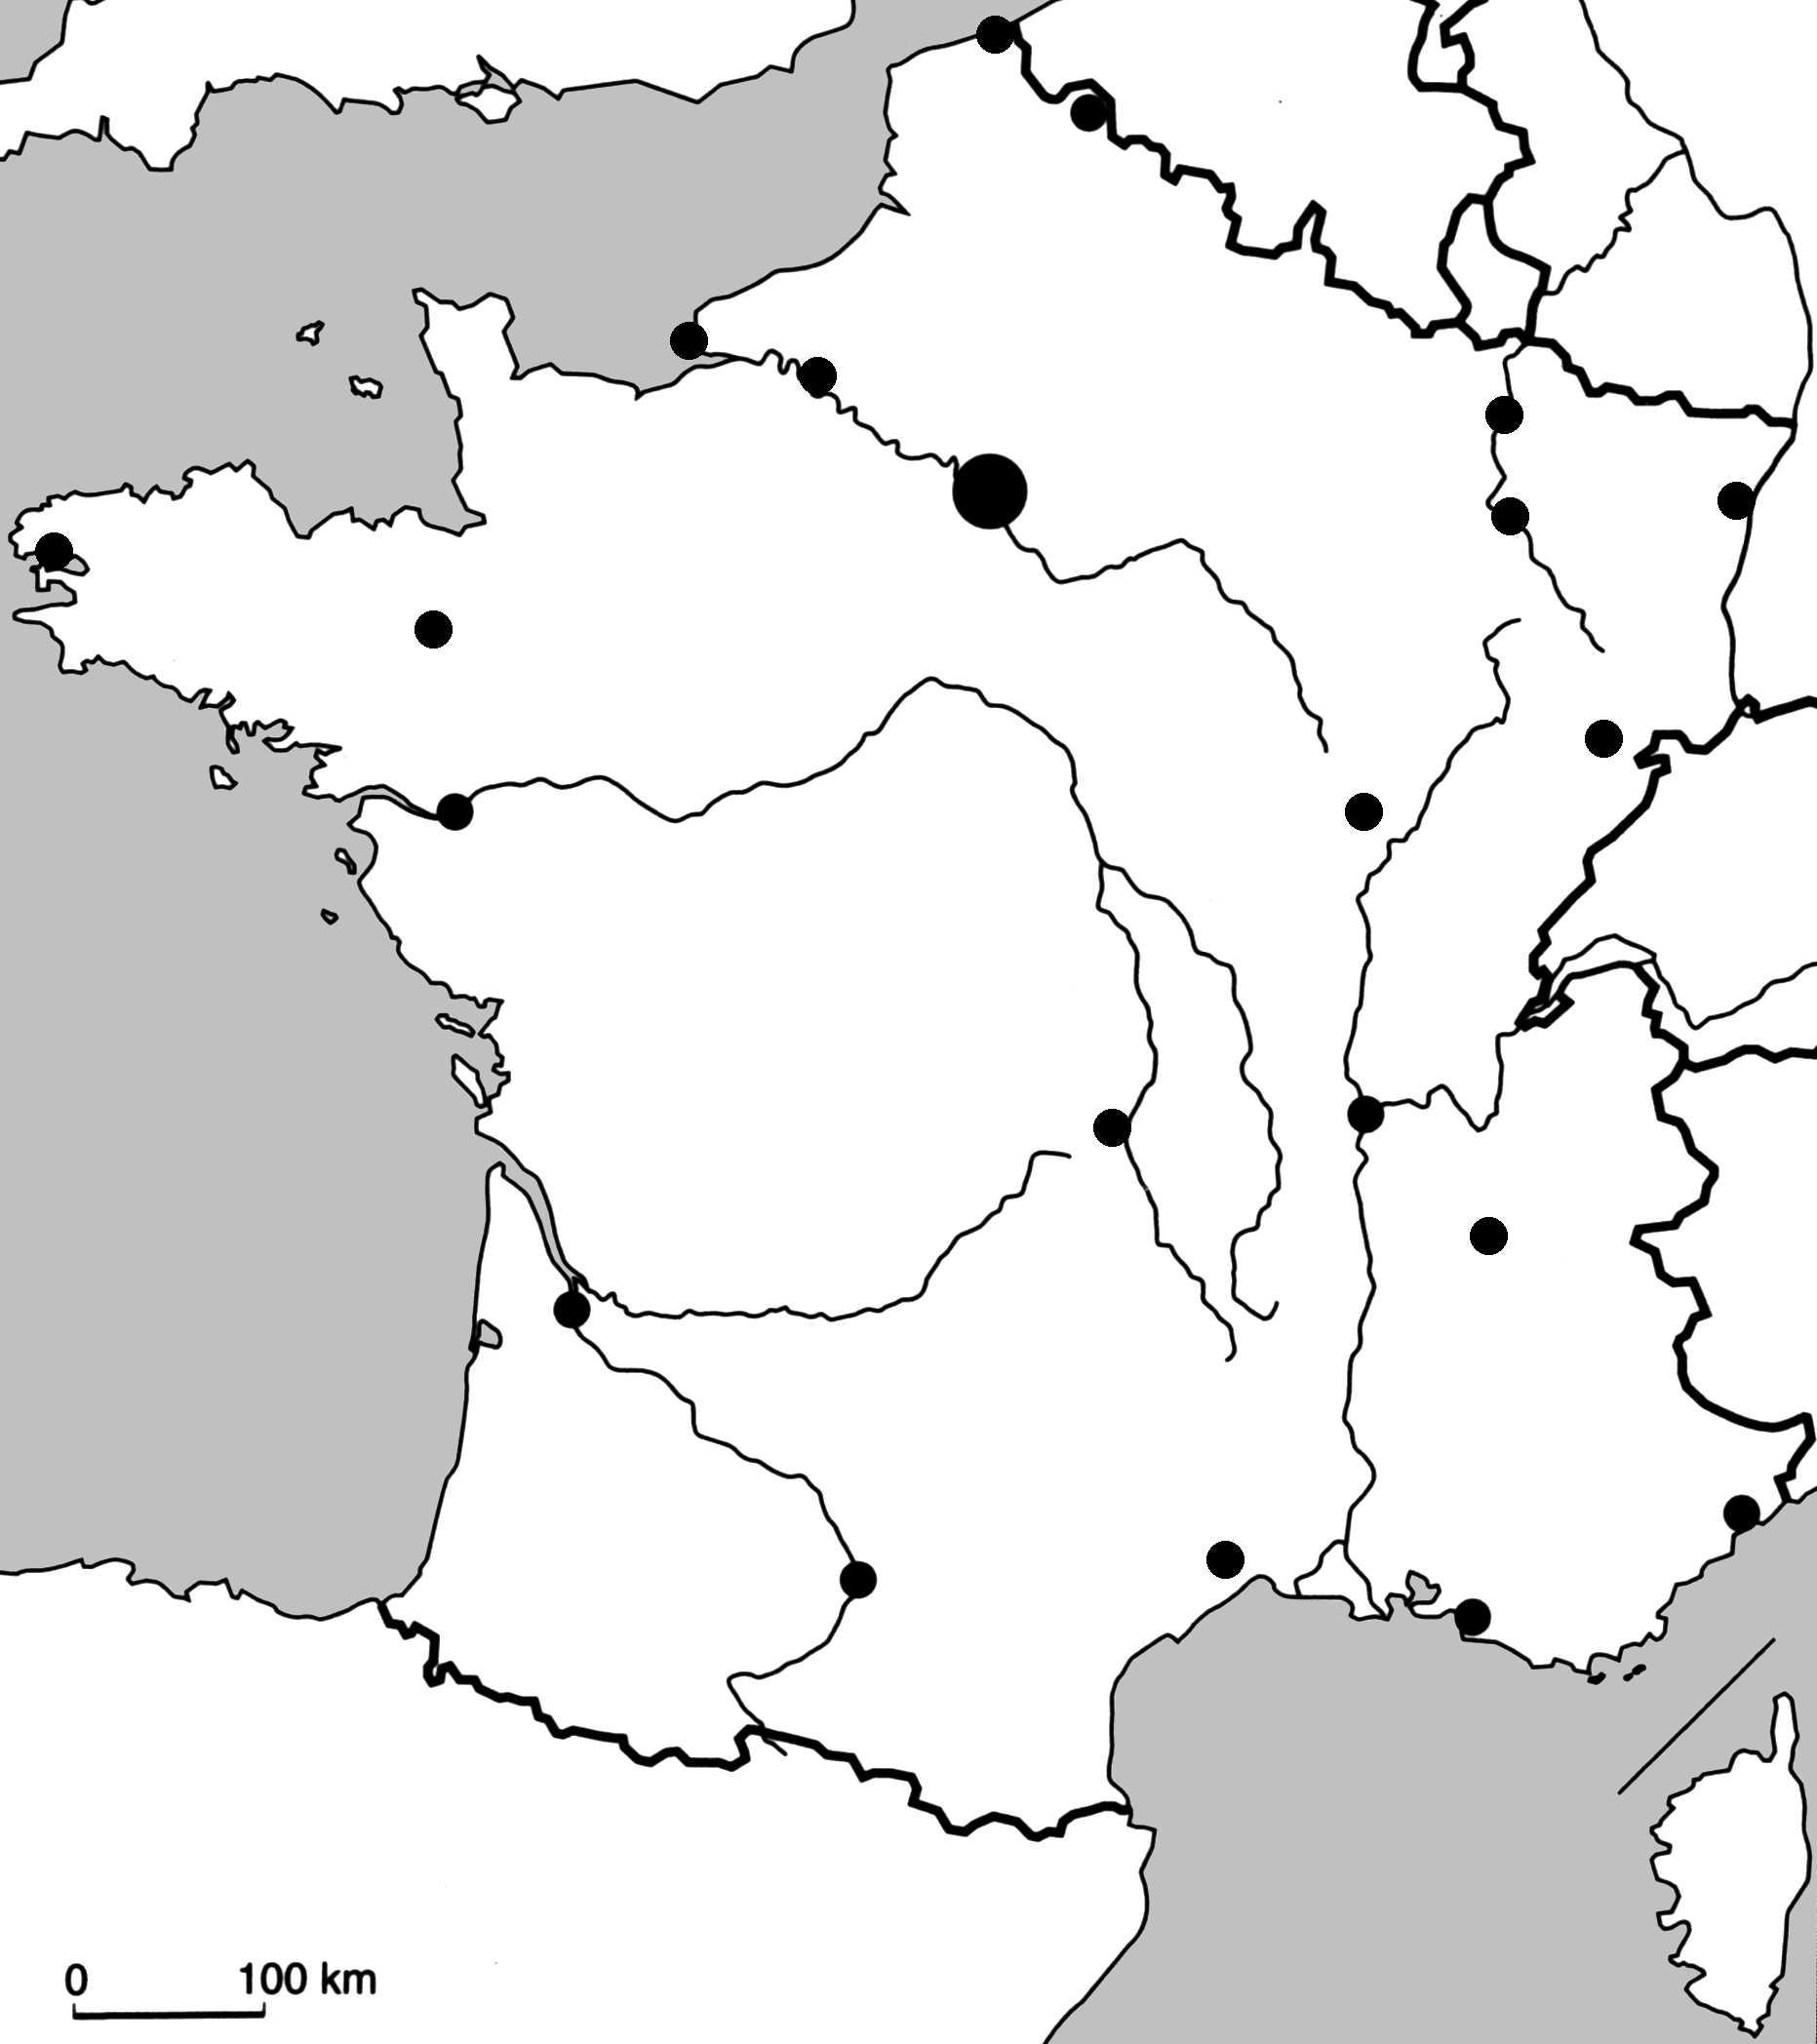 Carte De France Vierge À Compléter En Ligne | My Blog destiné Carte De France Vierge A Imprimer